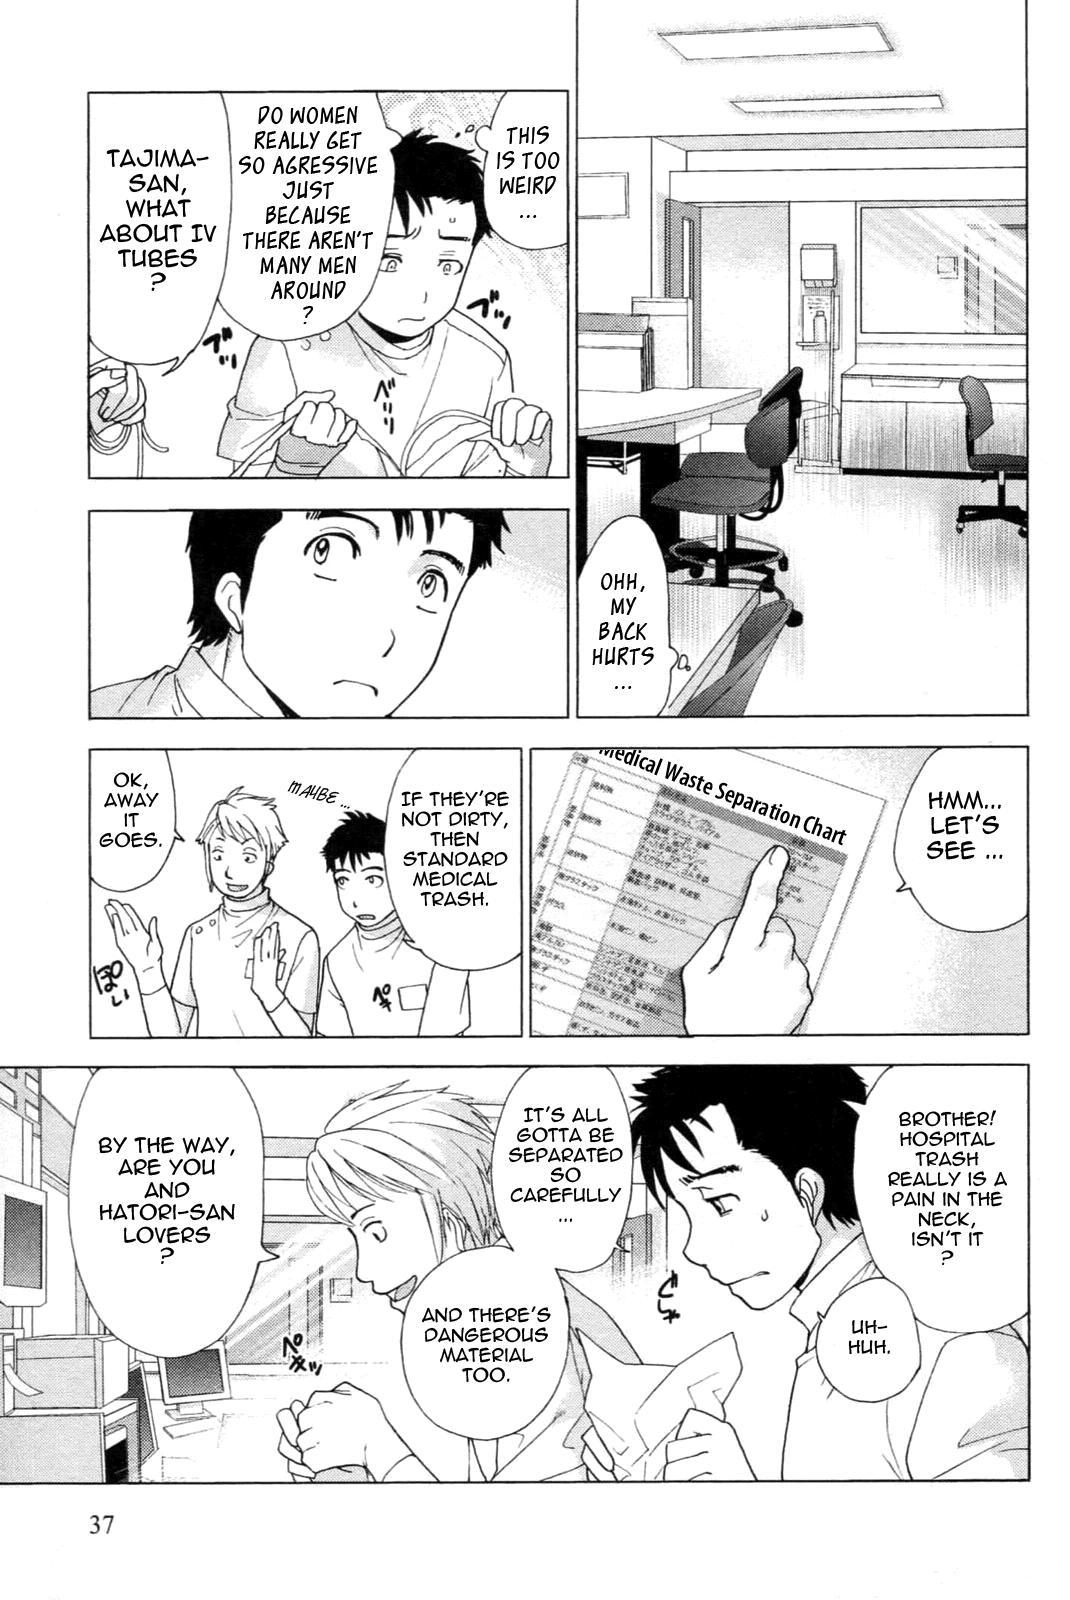 Nurse o Kanojo ni Suru Houhou - How To Go Steady With A Nurse 1 37